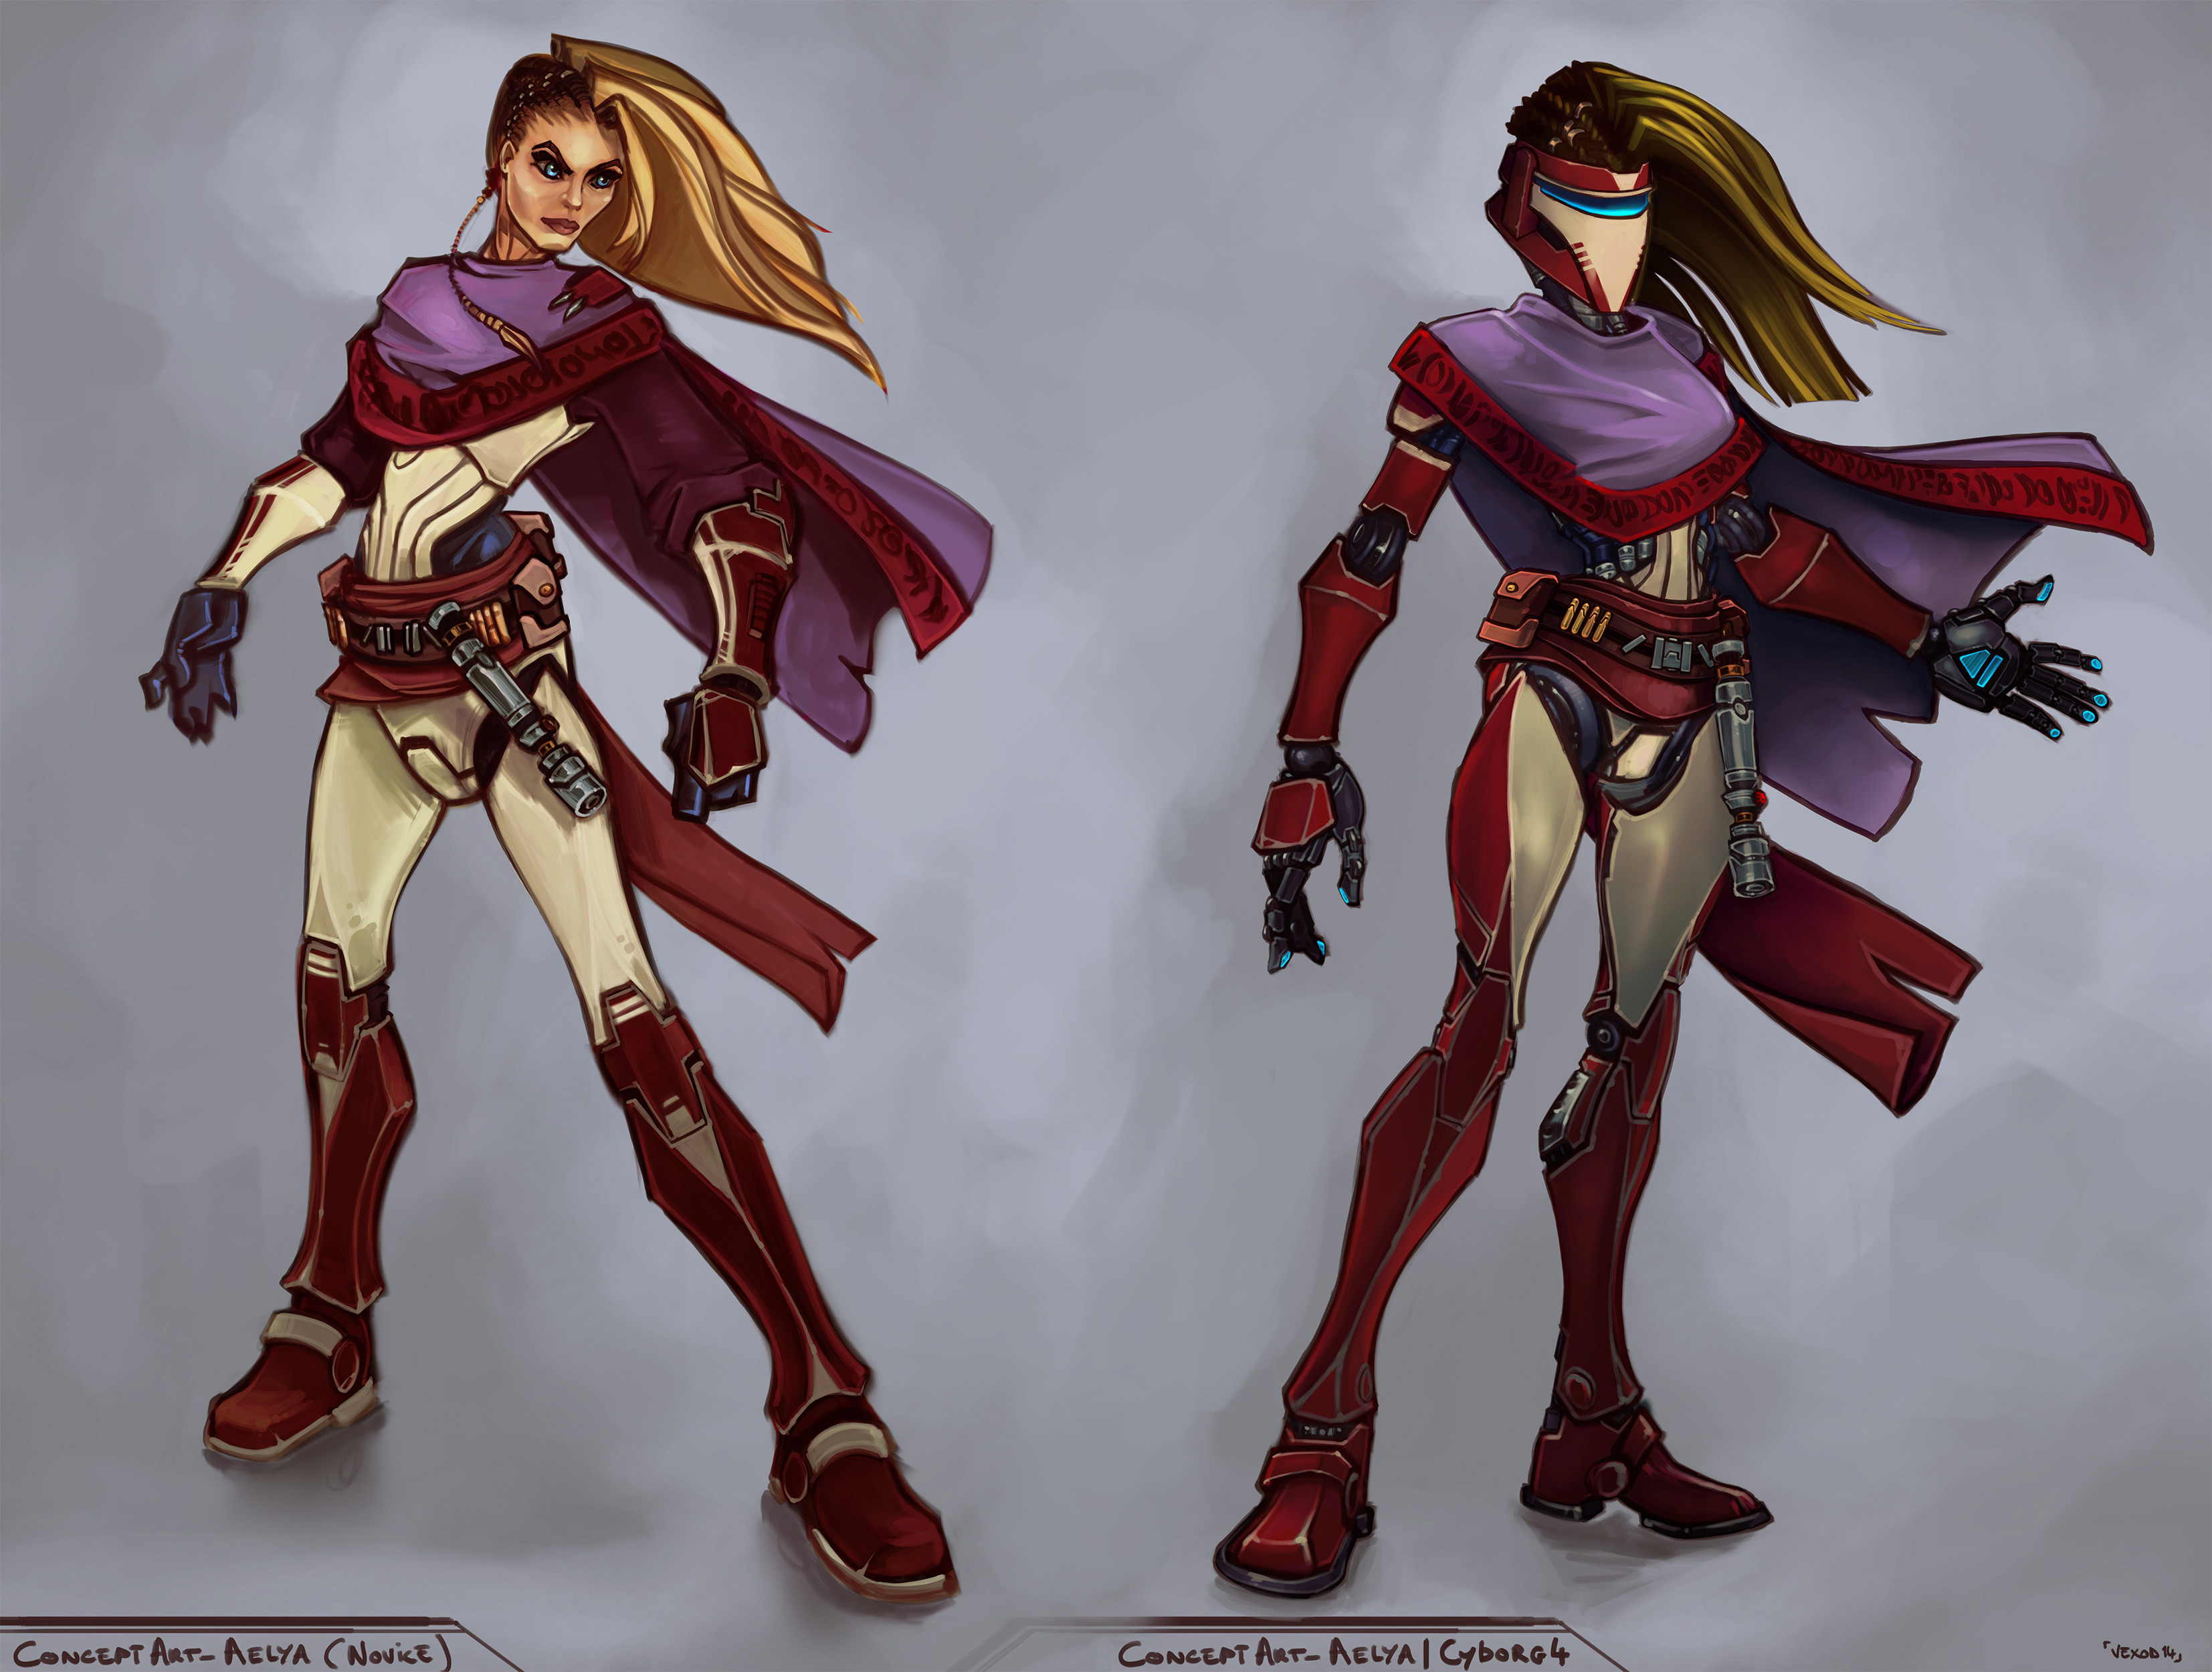 Aelya - final design